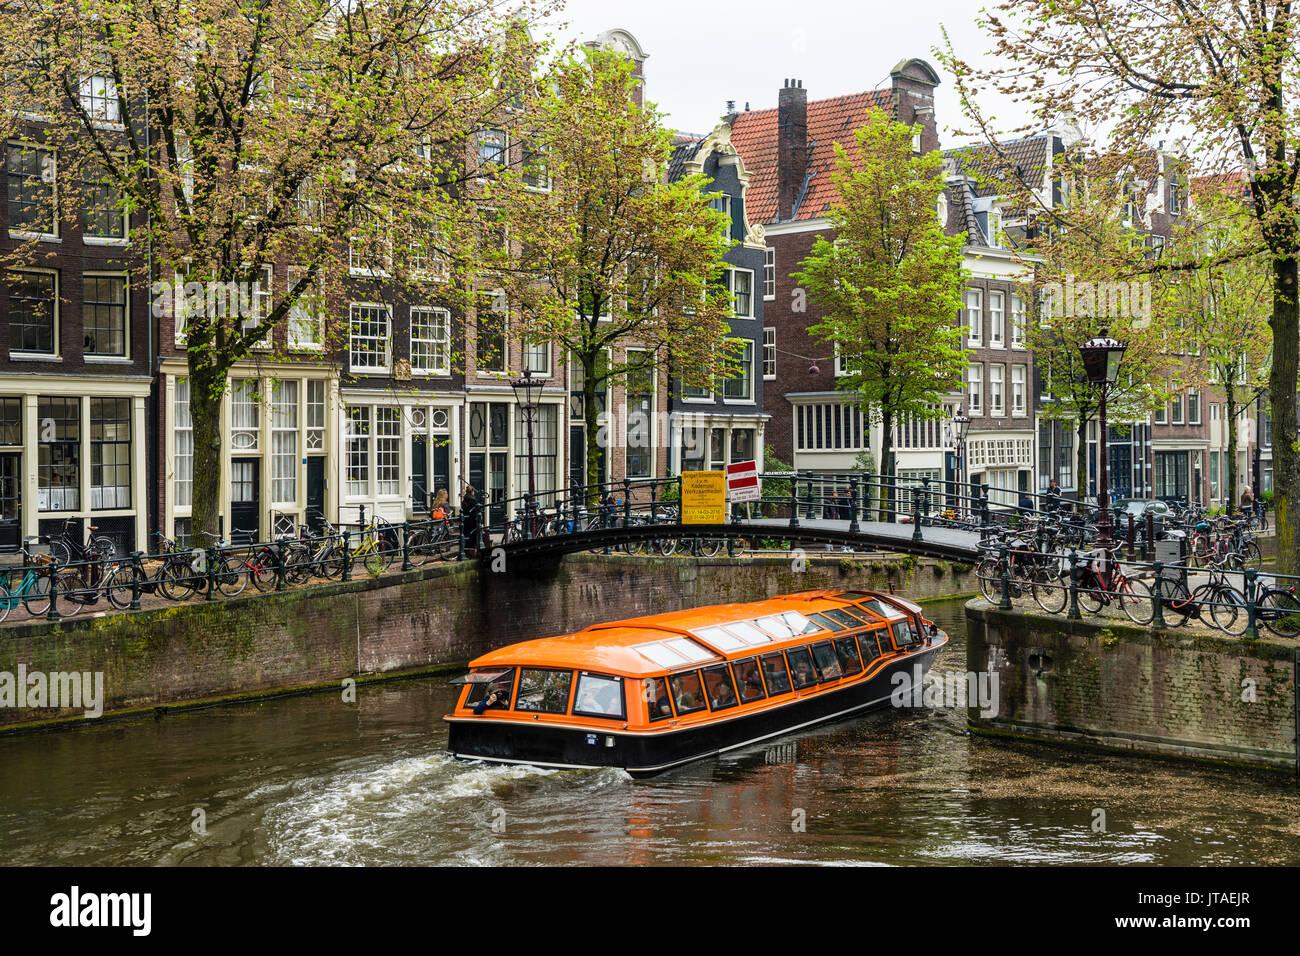 Canal Boat pasando bajo un puente en el Brouwersgracht, Amsterdam, Países Bajos, Europa Foto de stock